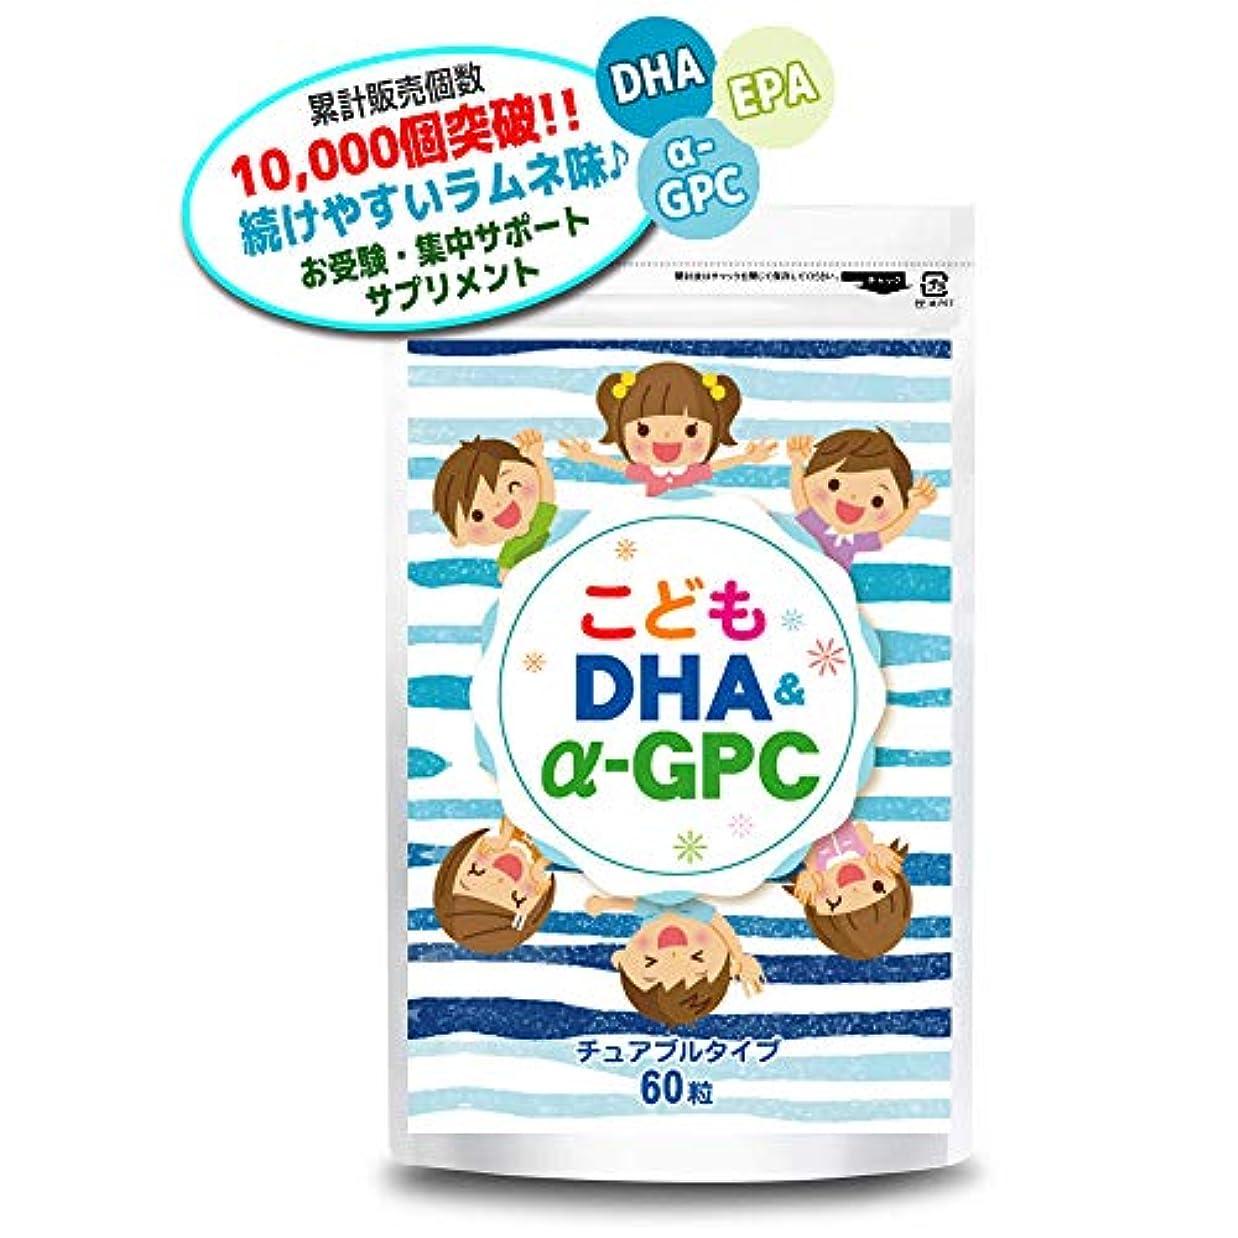 鉱夫グループライブこども DHA&α-GPC DHA EPA α-GPC ホスファチジルセリン 配合 【集中?学習特化型サプリメント】 60粒約30日分